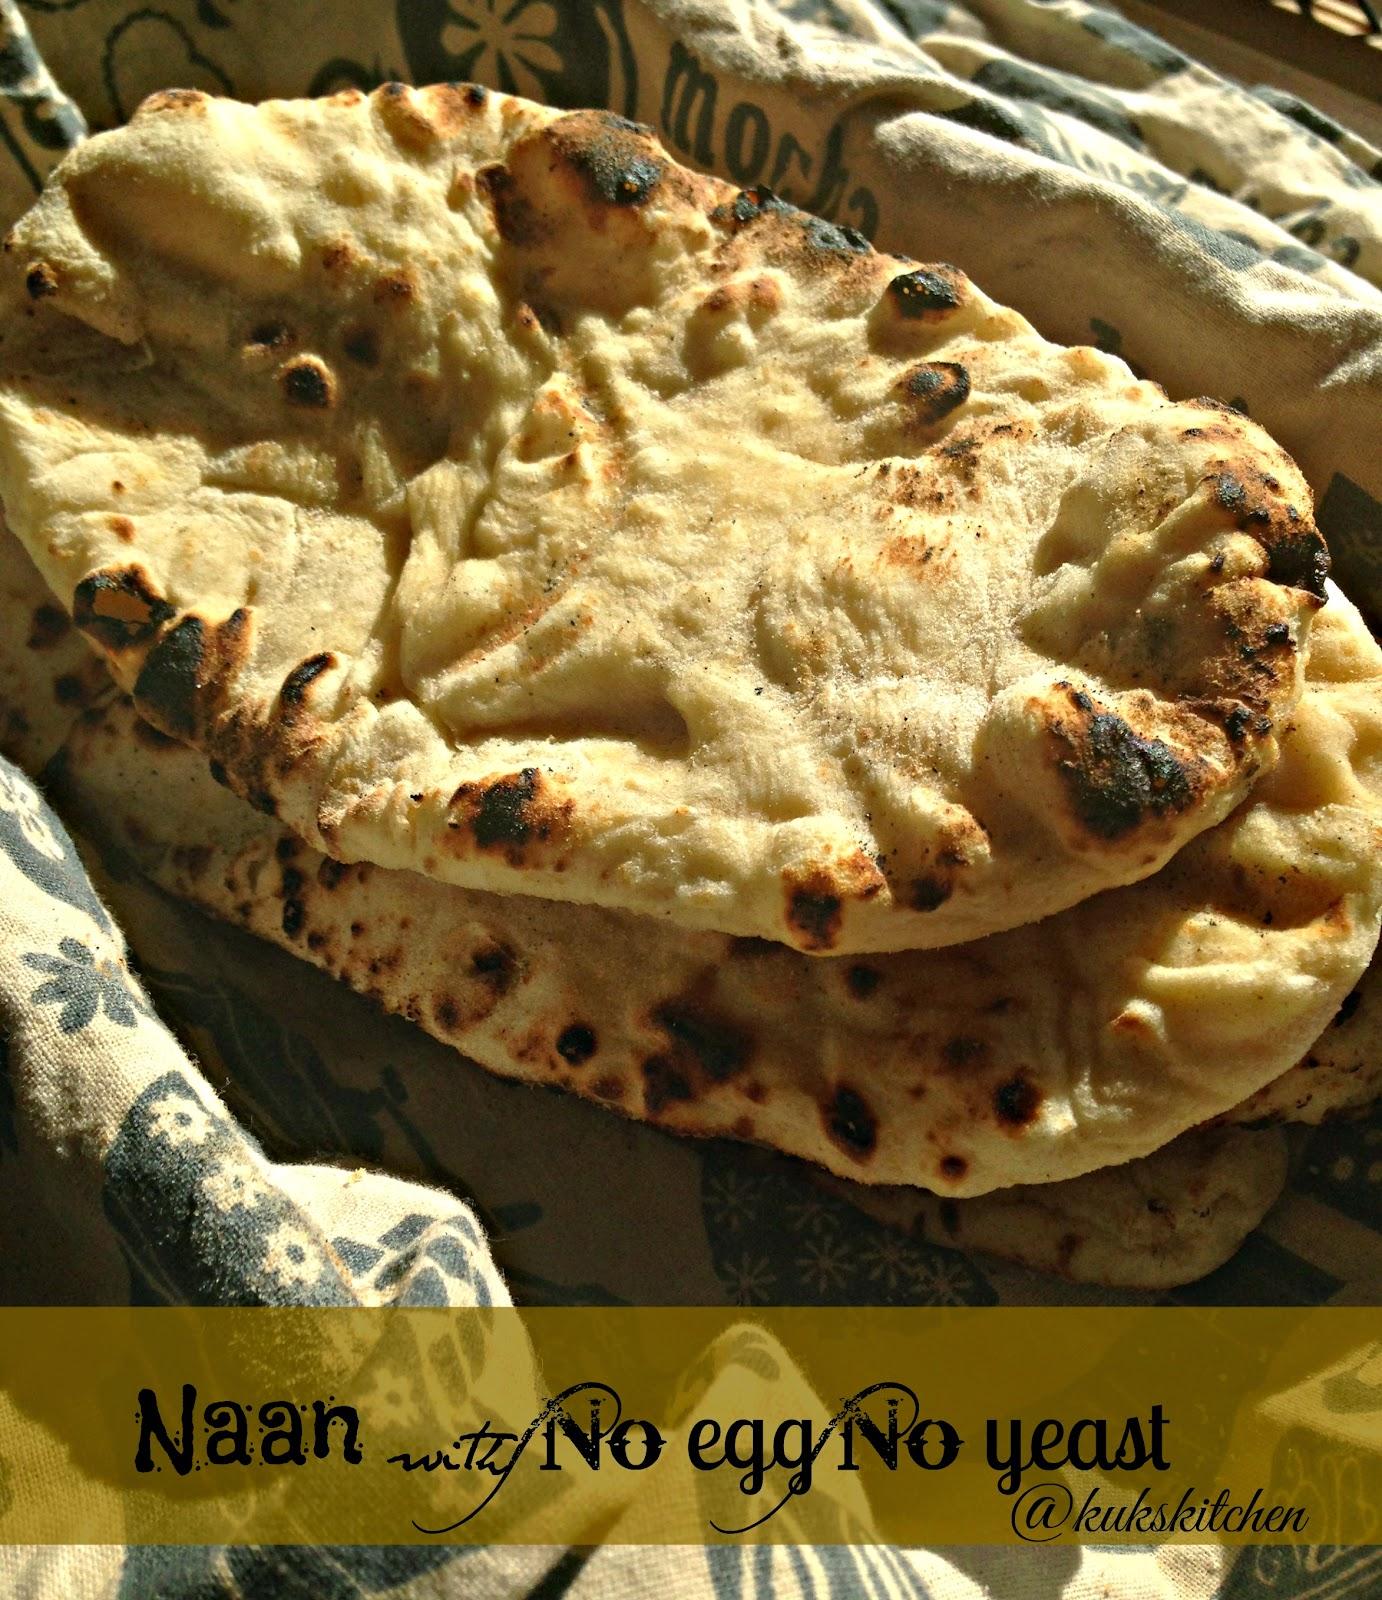 naan no egg no yeast tandoori roti kukskitchen